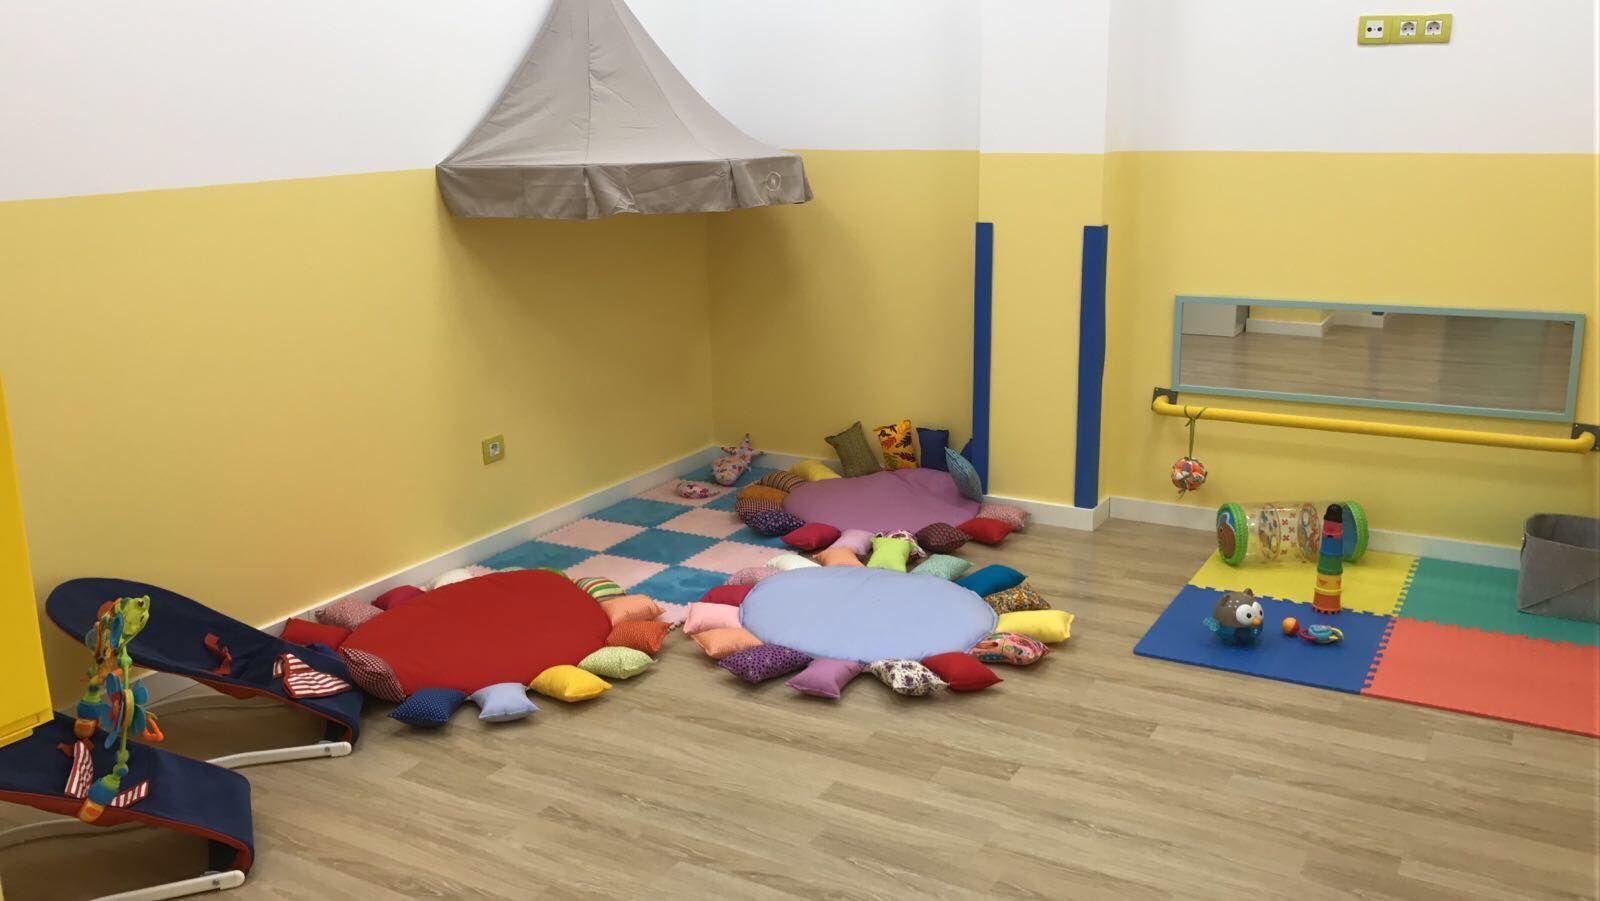 Foto 31 de Escuelas infantiles en Las Palmas de Gran Canaria | Centro Infantil Mi Mundo de Colores